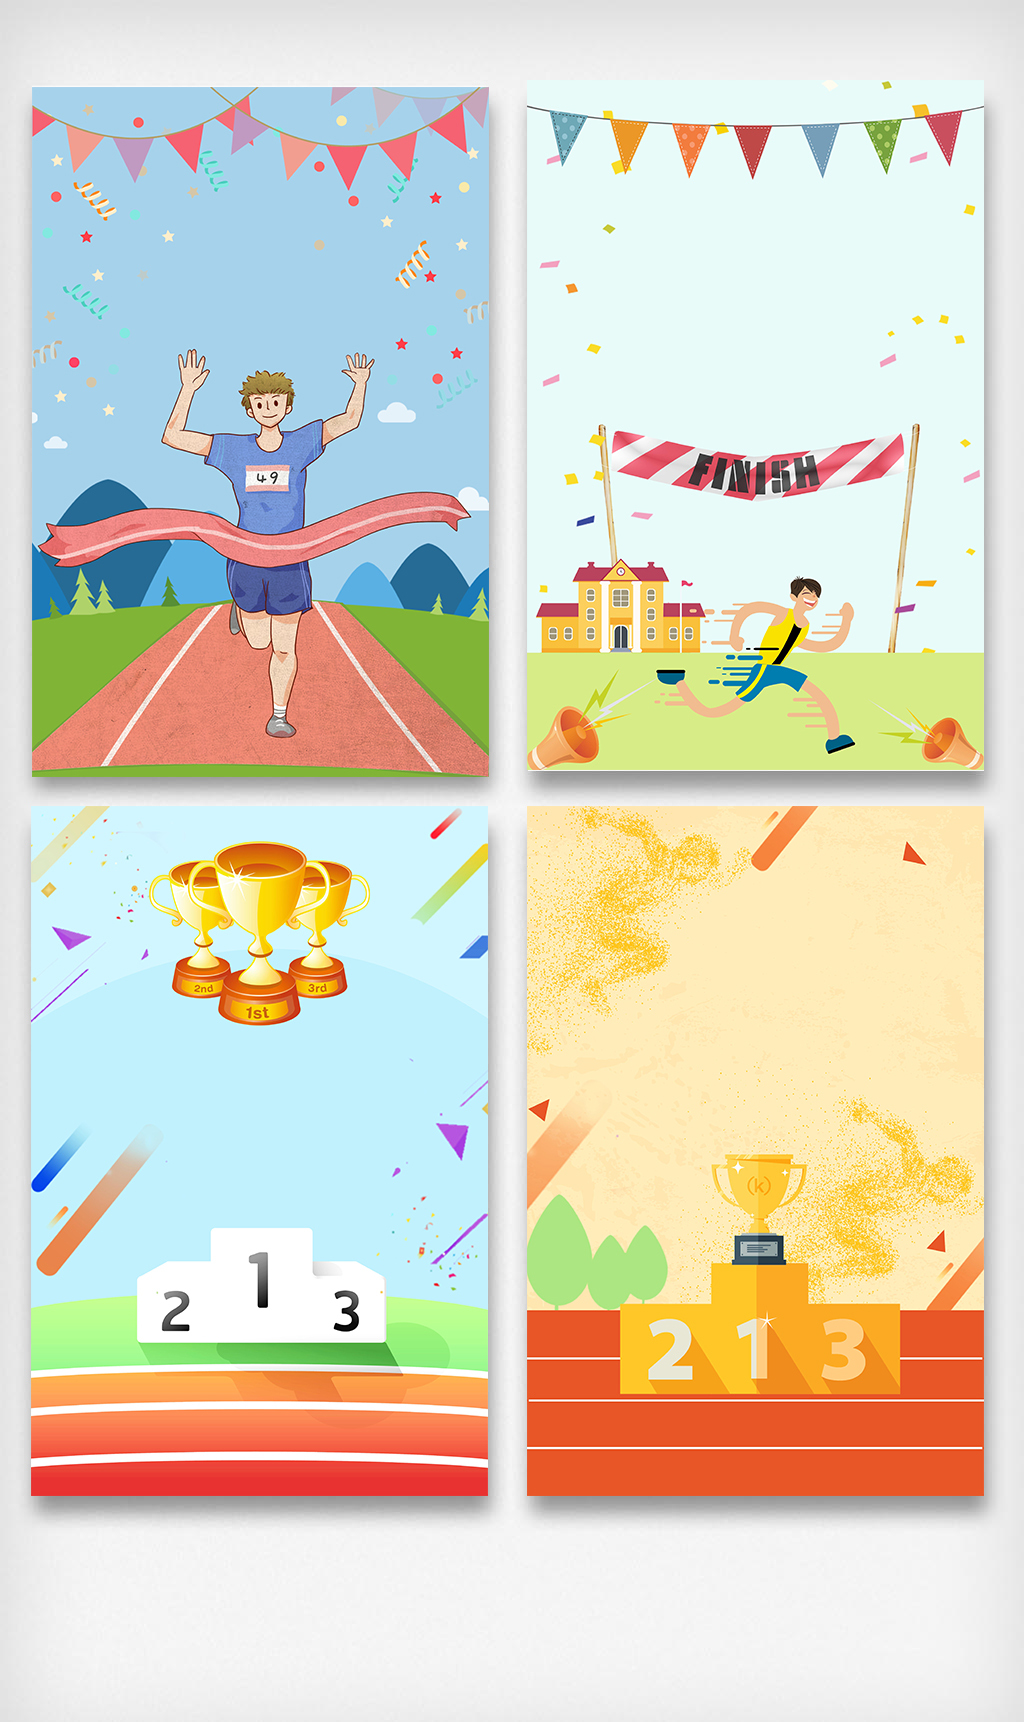 校园运动会奖杯手绘海报